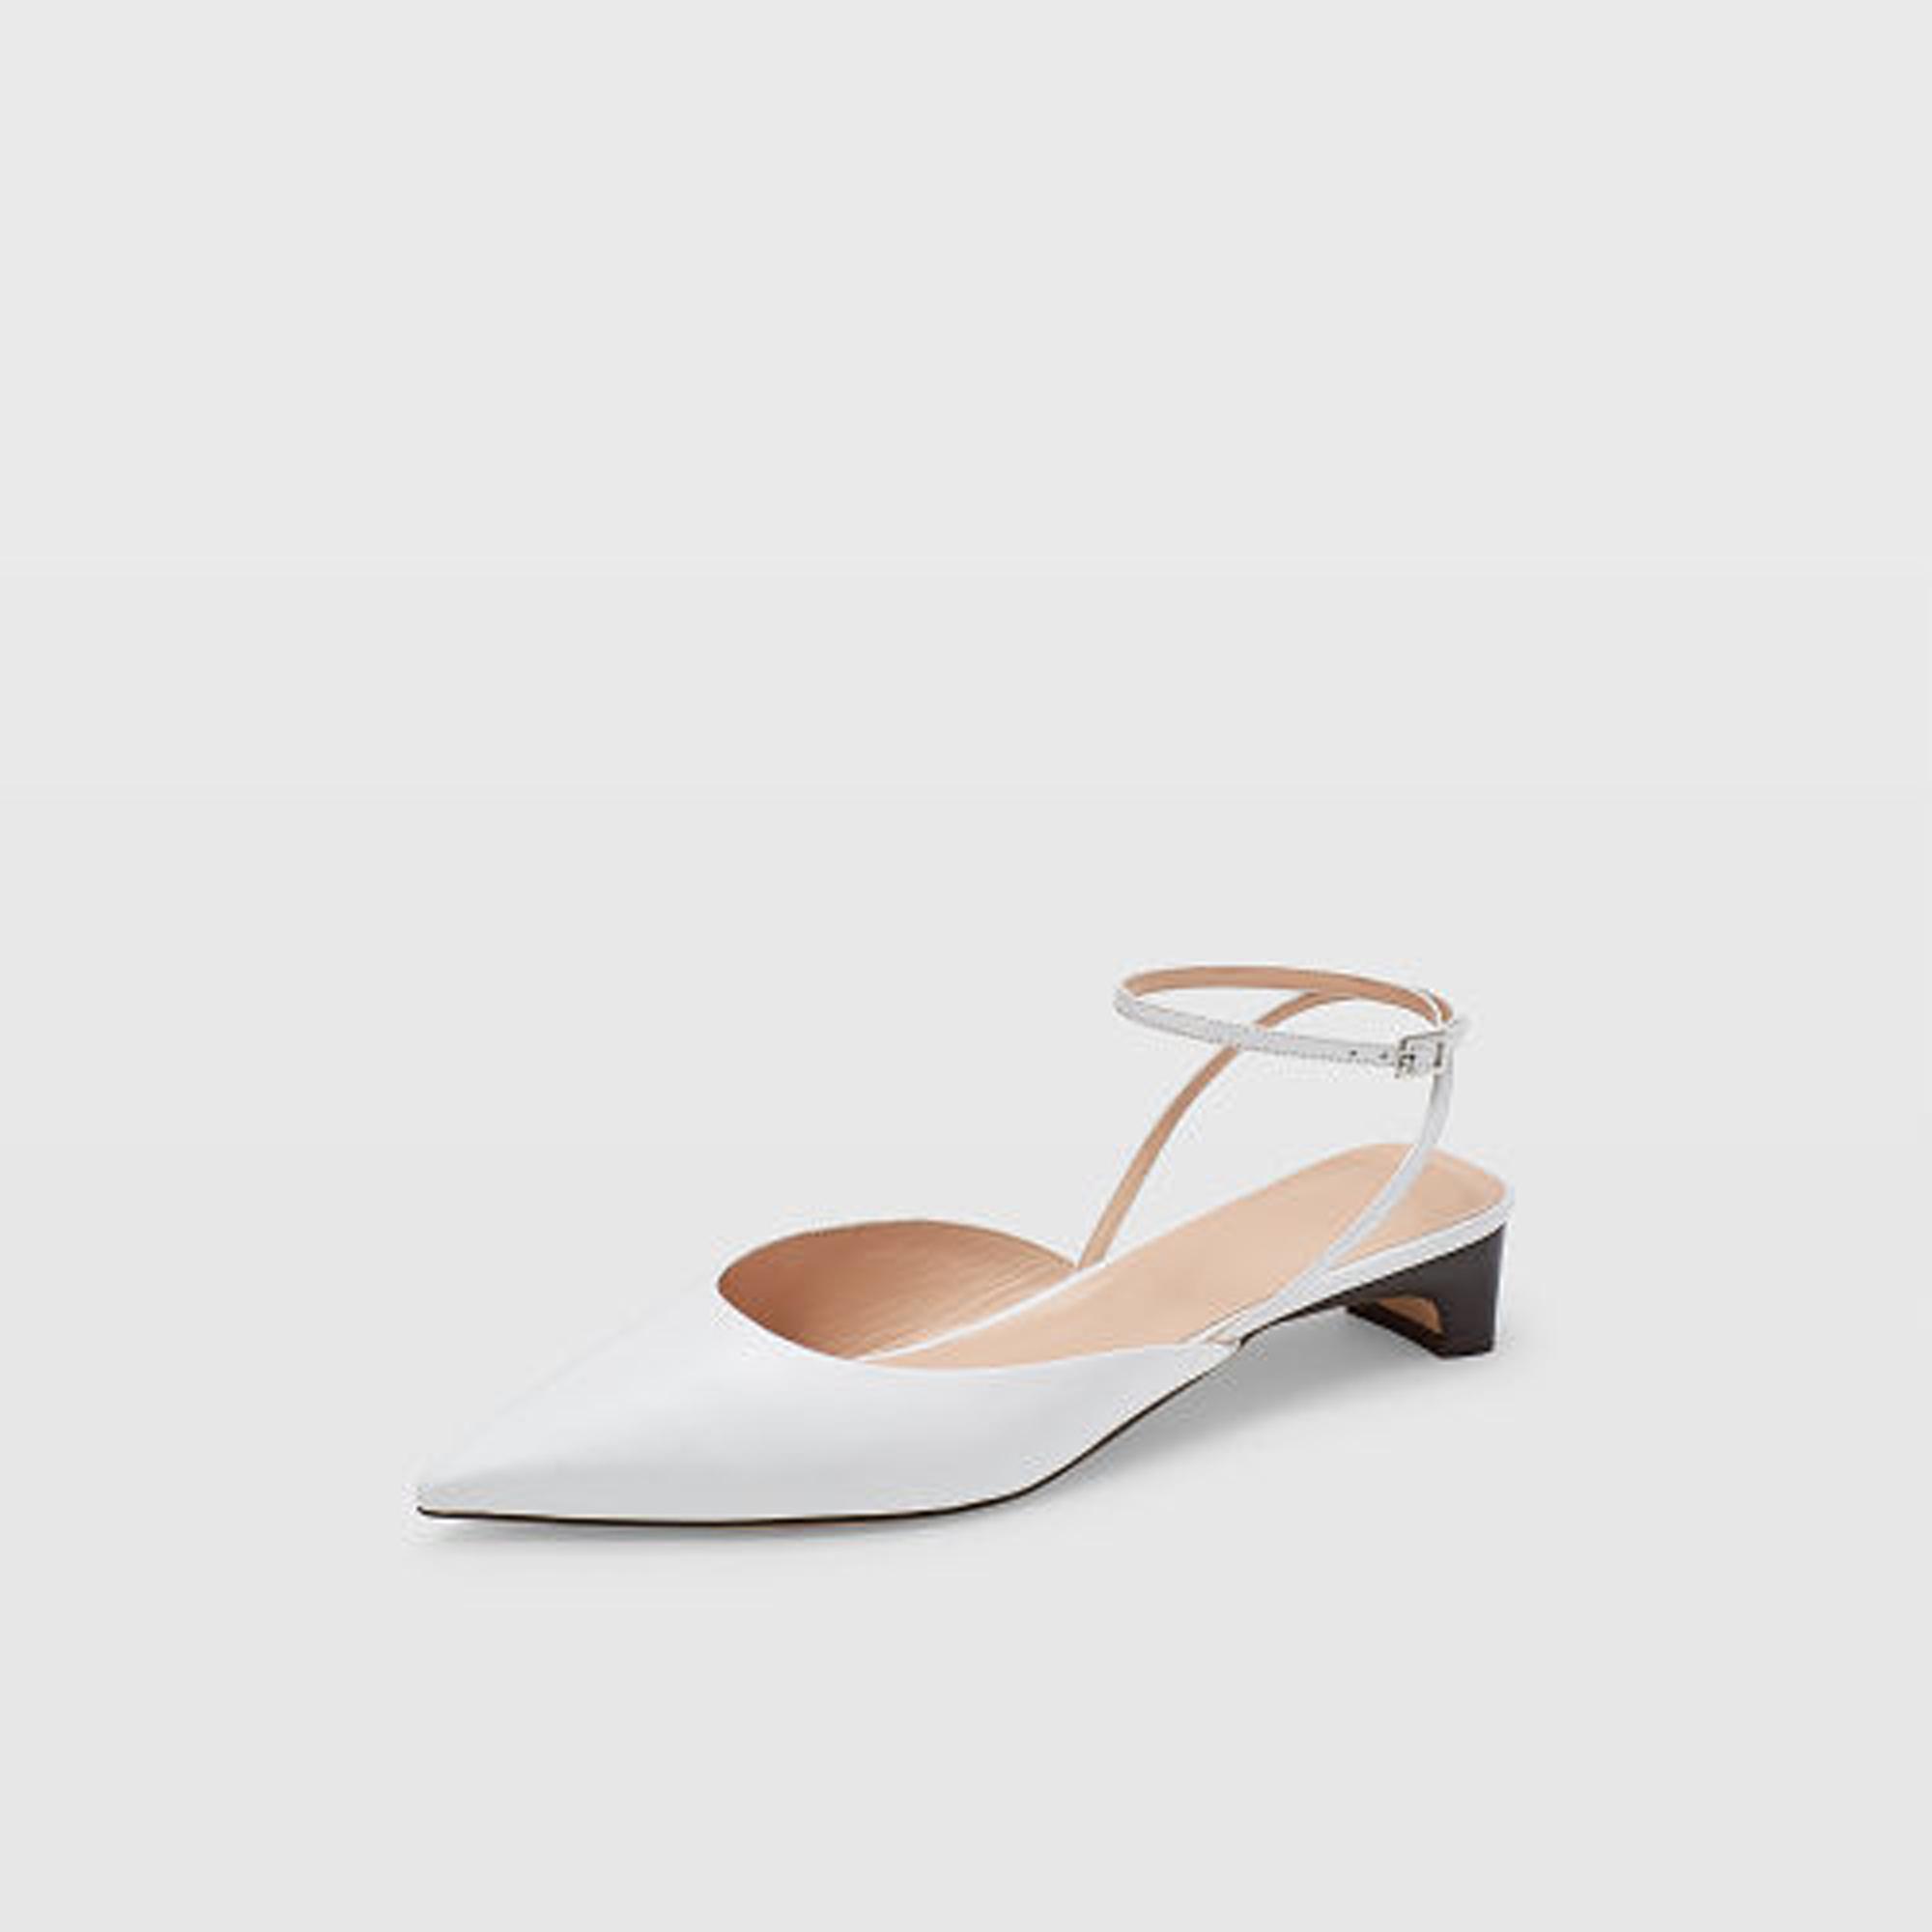 Ambrah Low-Heel  HK$3,190